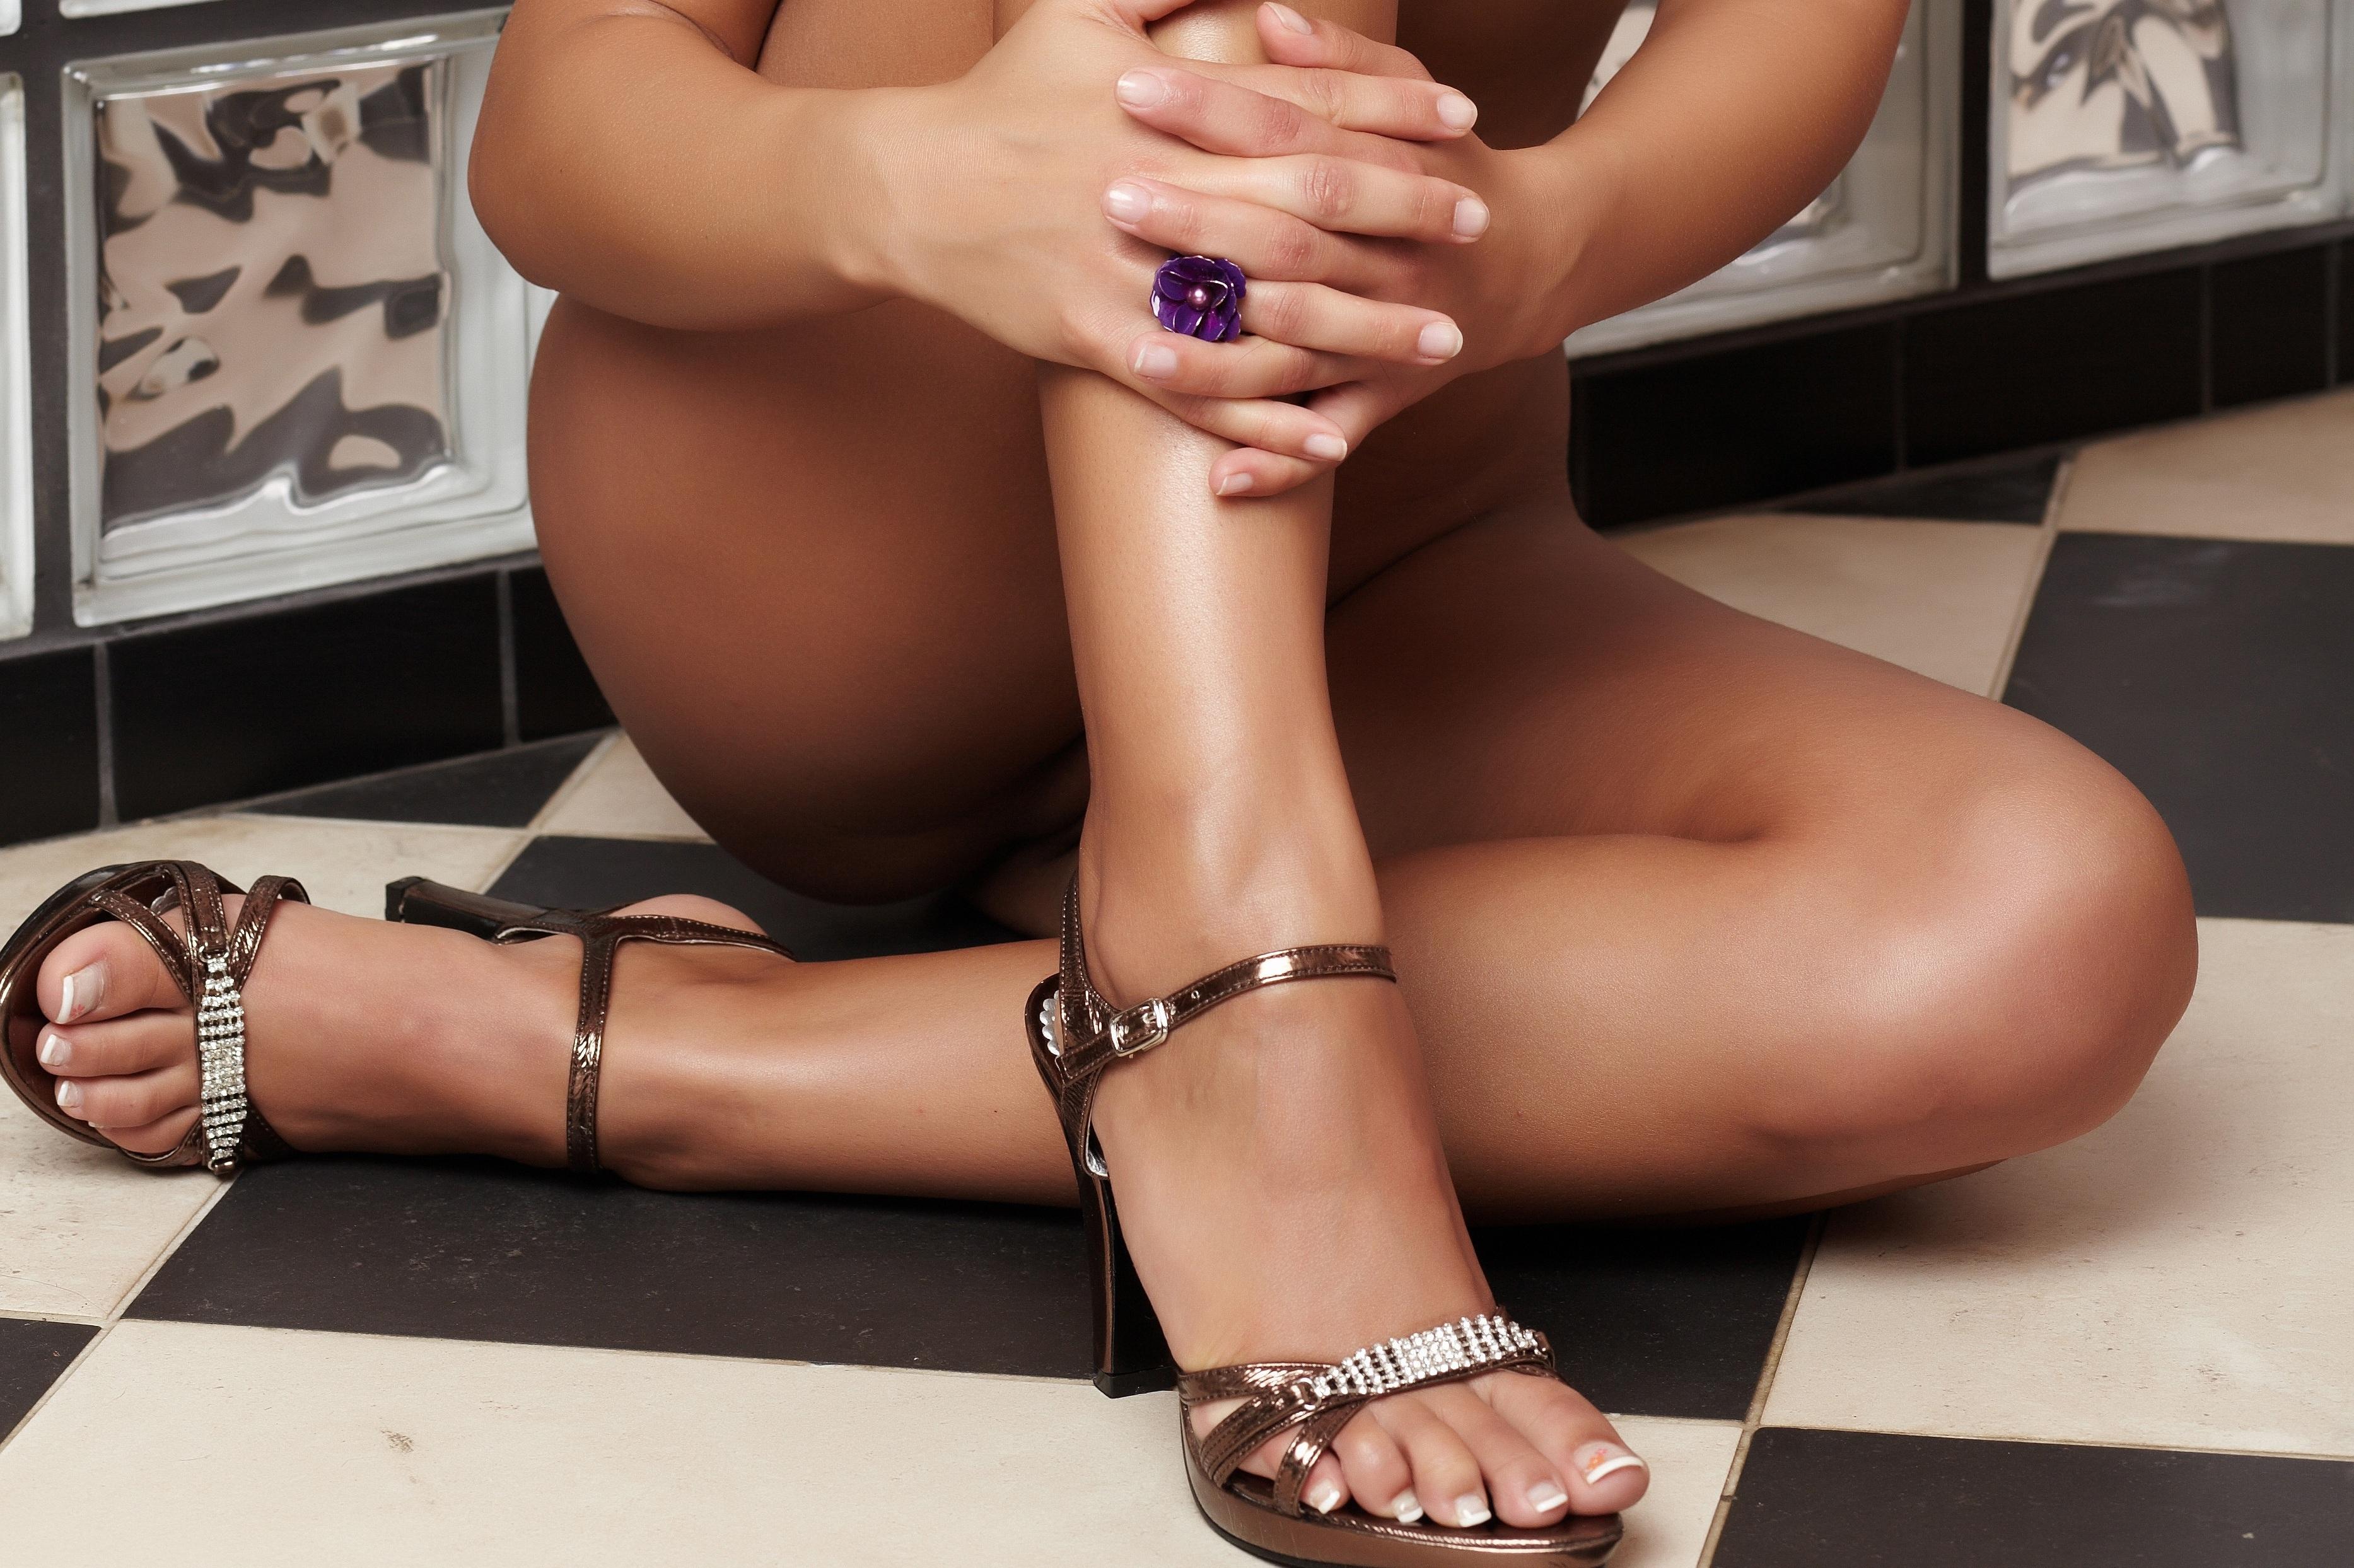 Фото категория сексуальные ножки, Голые ножки - красивые девушки с голыми ногами на фото 10 фотография